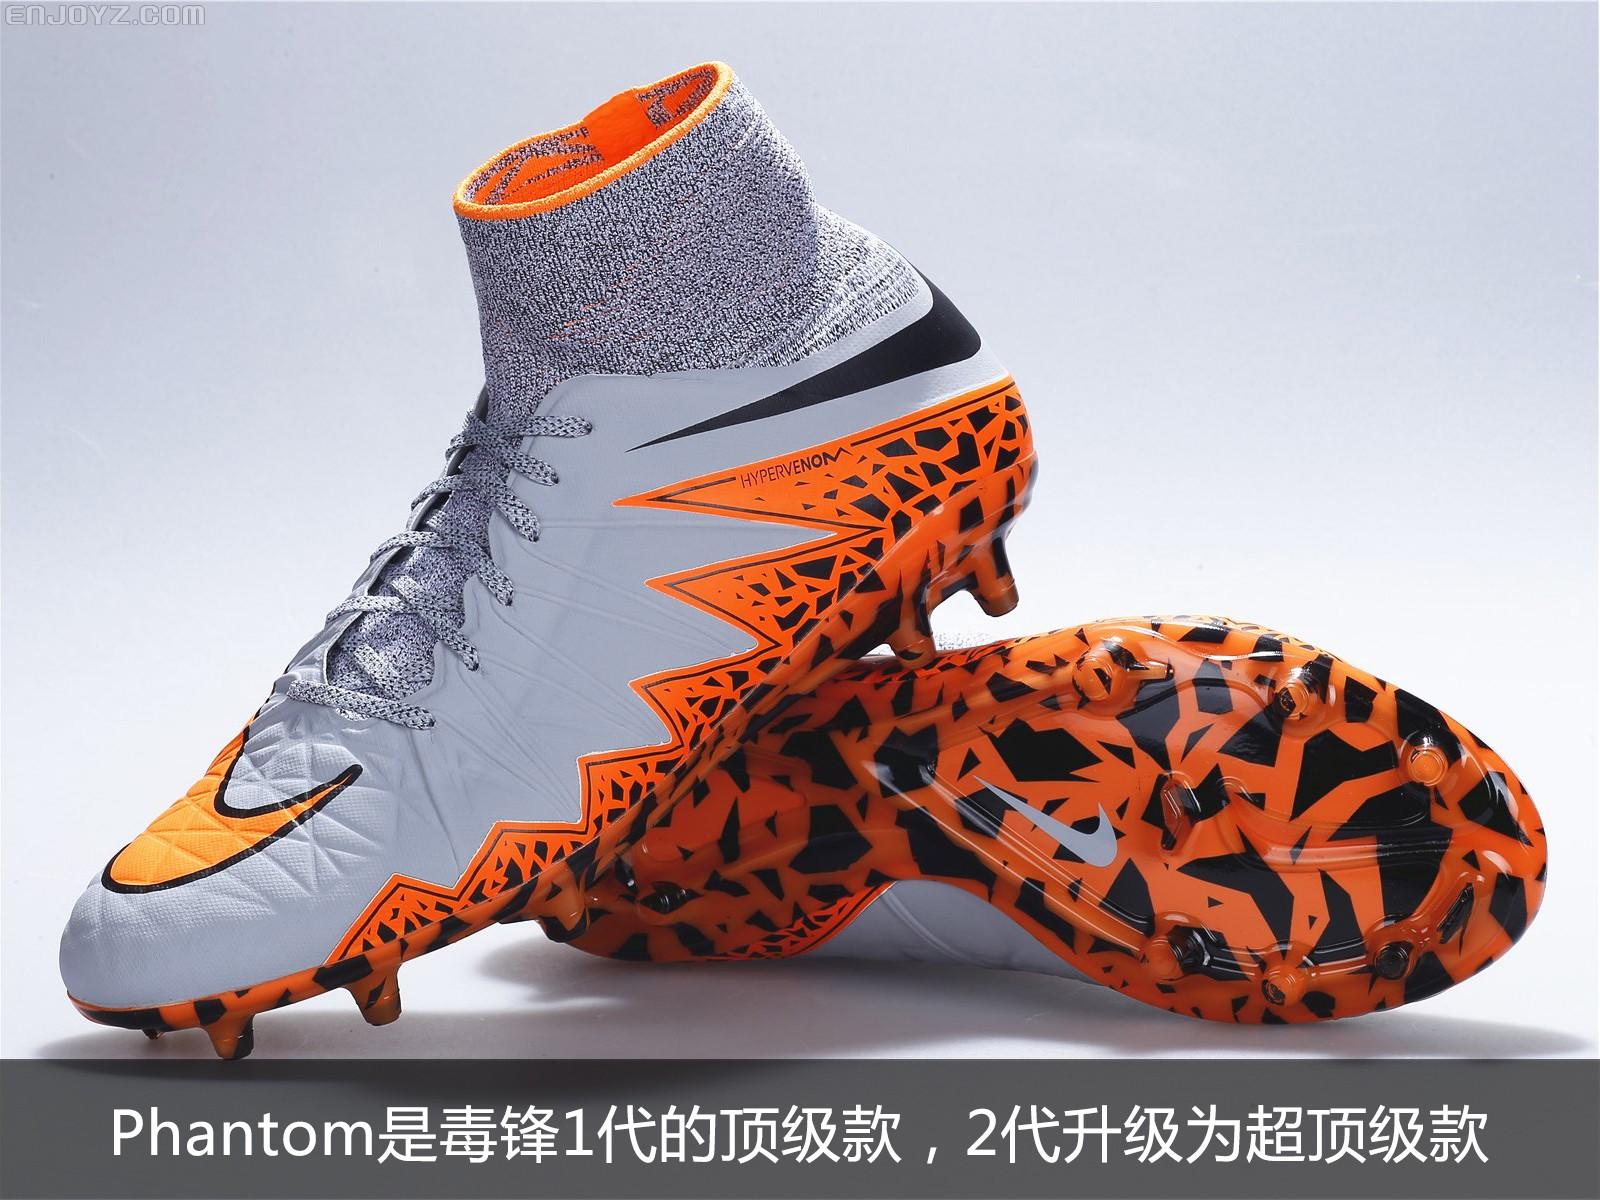 足球鞋加足球图案设计